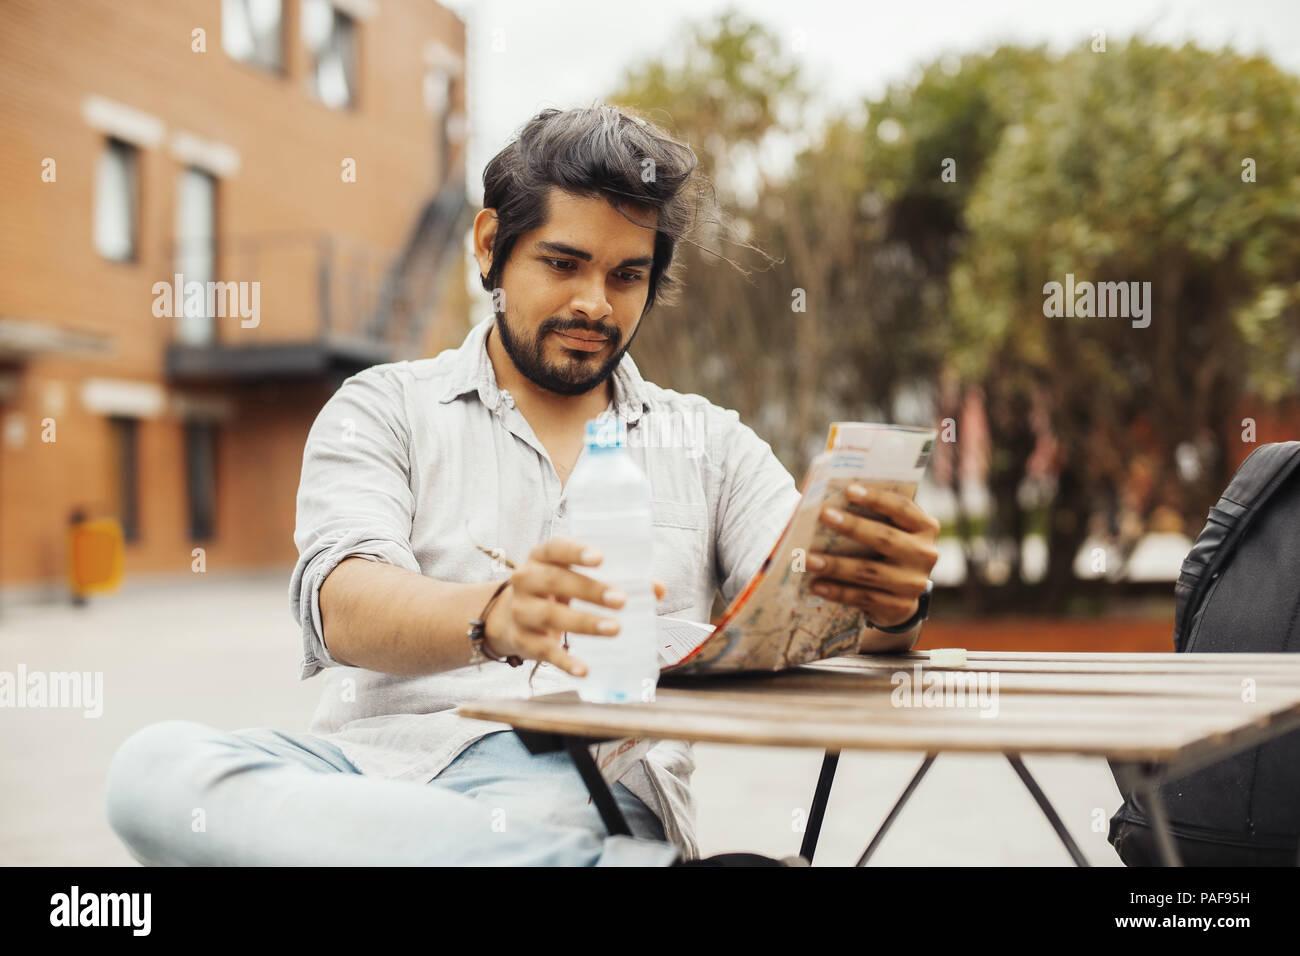 Attraktiver Mann im Cafe sitzen, auf die Karte zu schauen und die Flasche. Stockbild